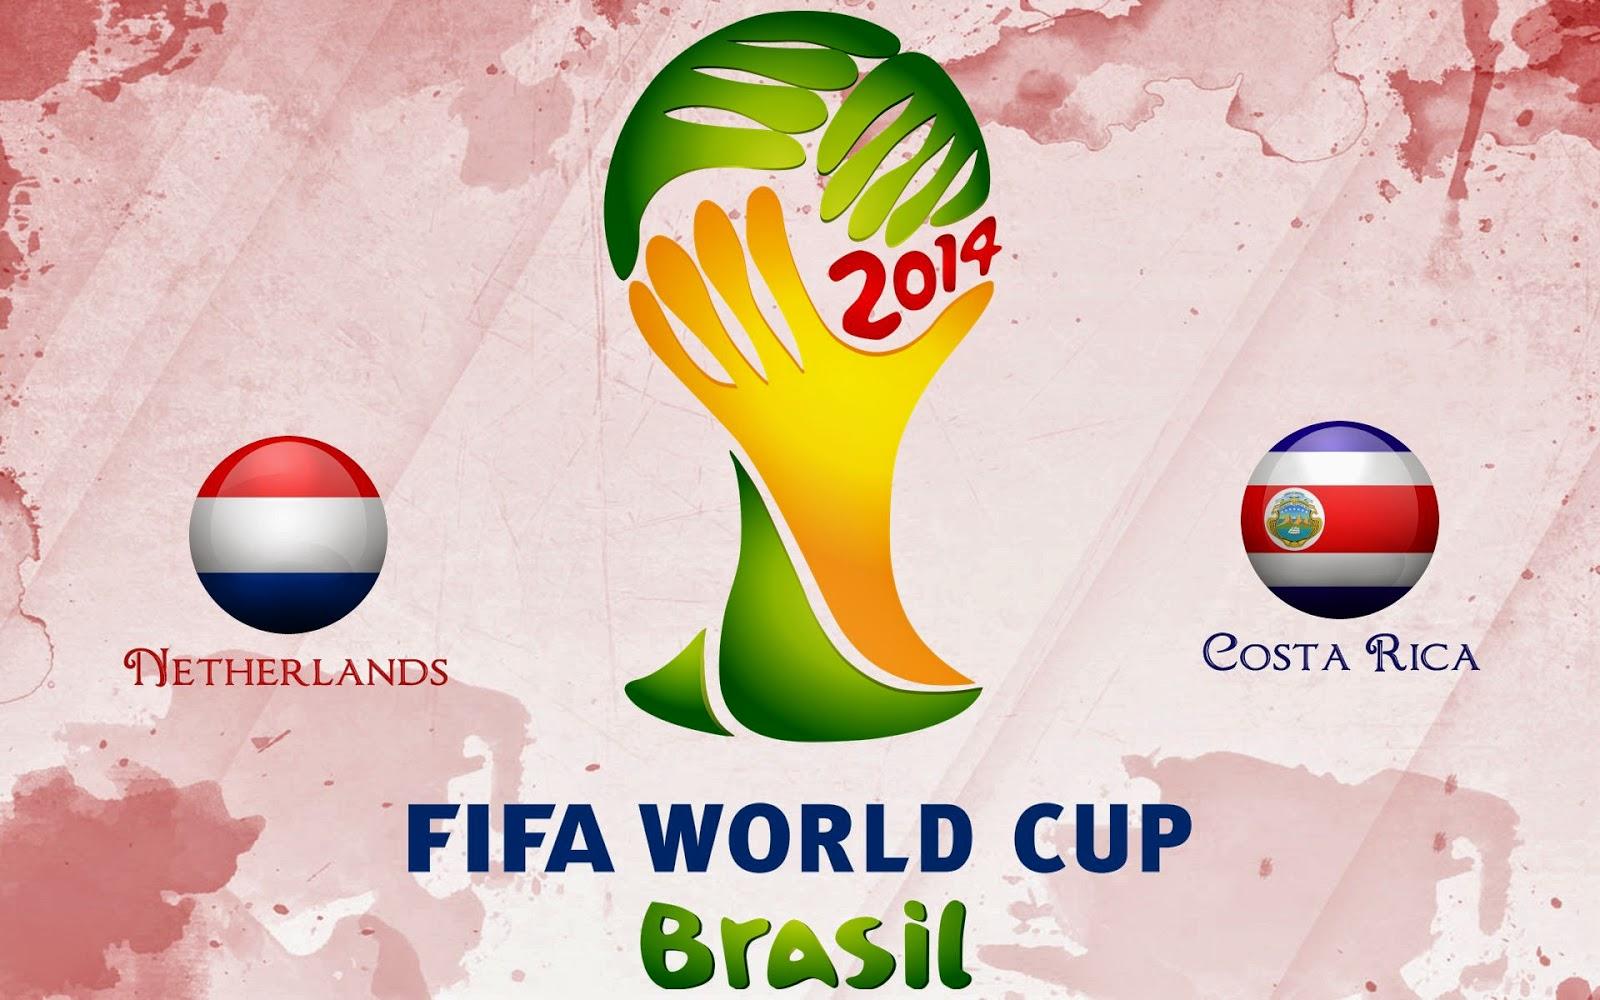 Tările de jos vs. Costa Rica Cupa Mondiala